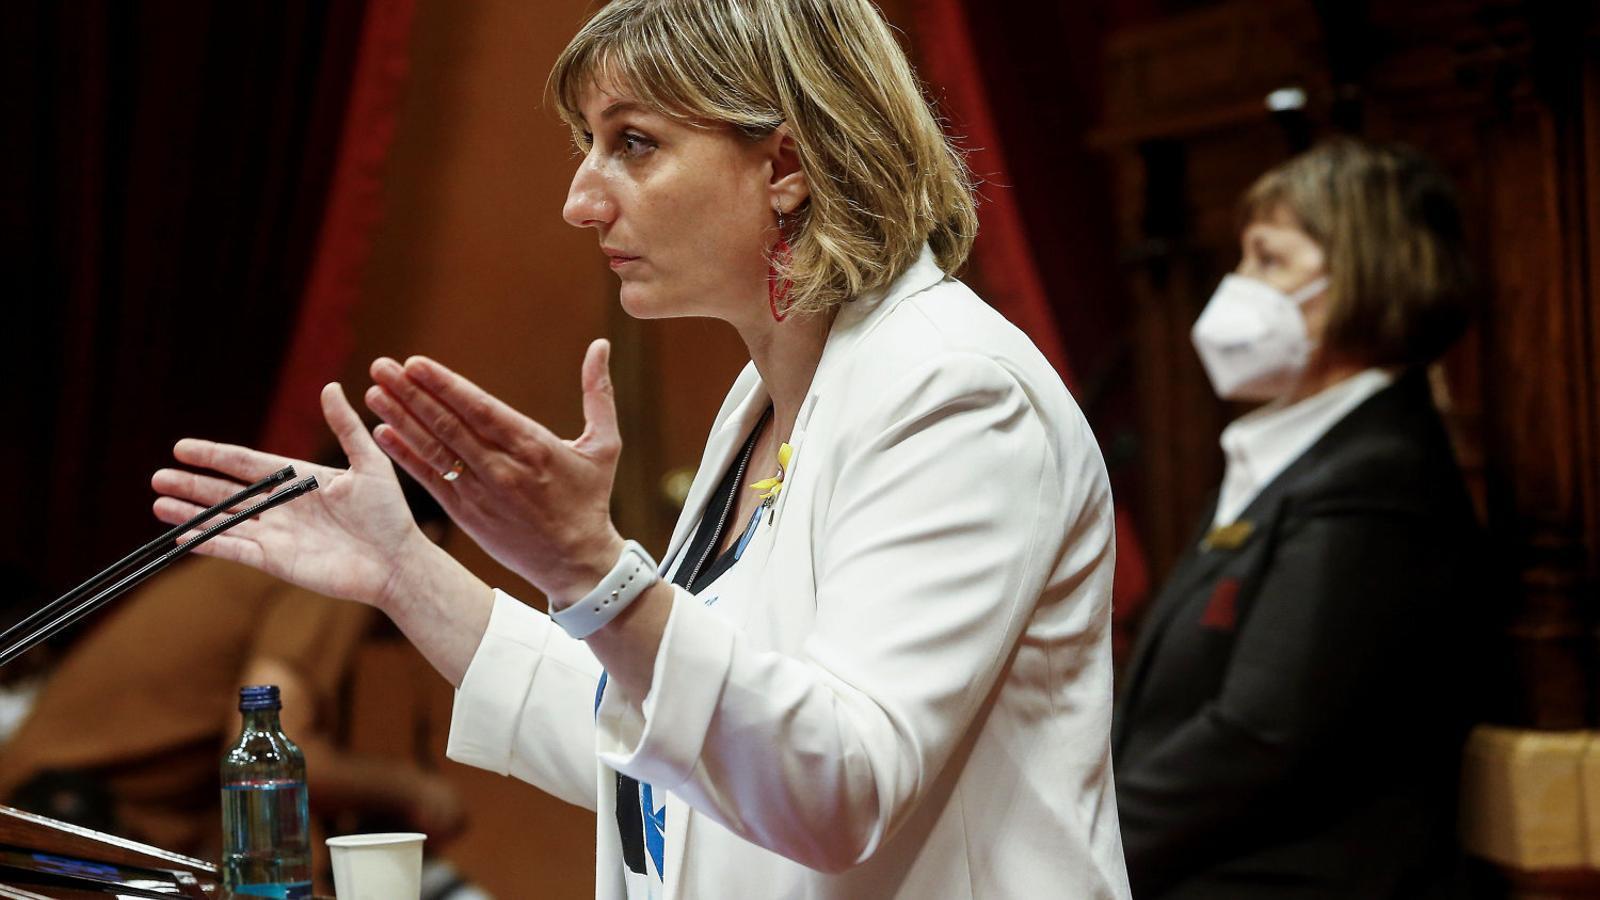 La consellera de Salut, Alba Vergés, durant el debat monogràfic sobre el coronavirus que es va fer al Parlament la setmana passada.